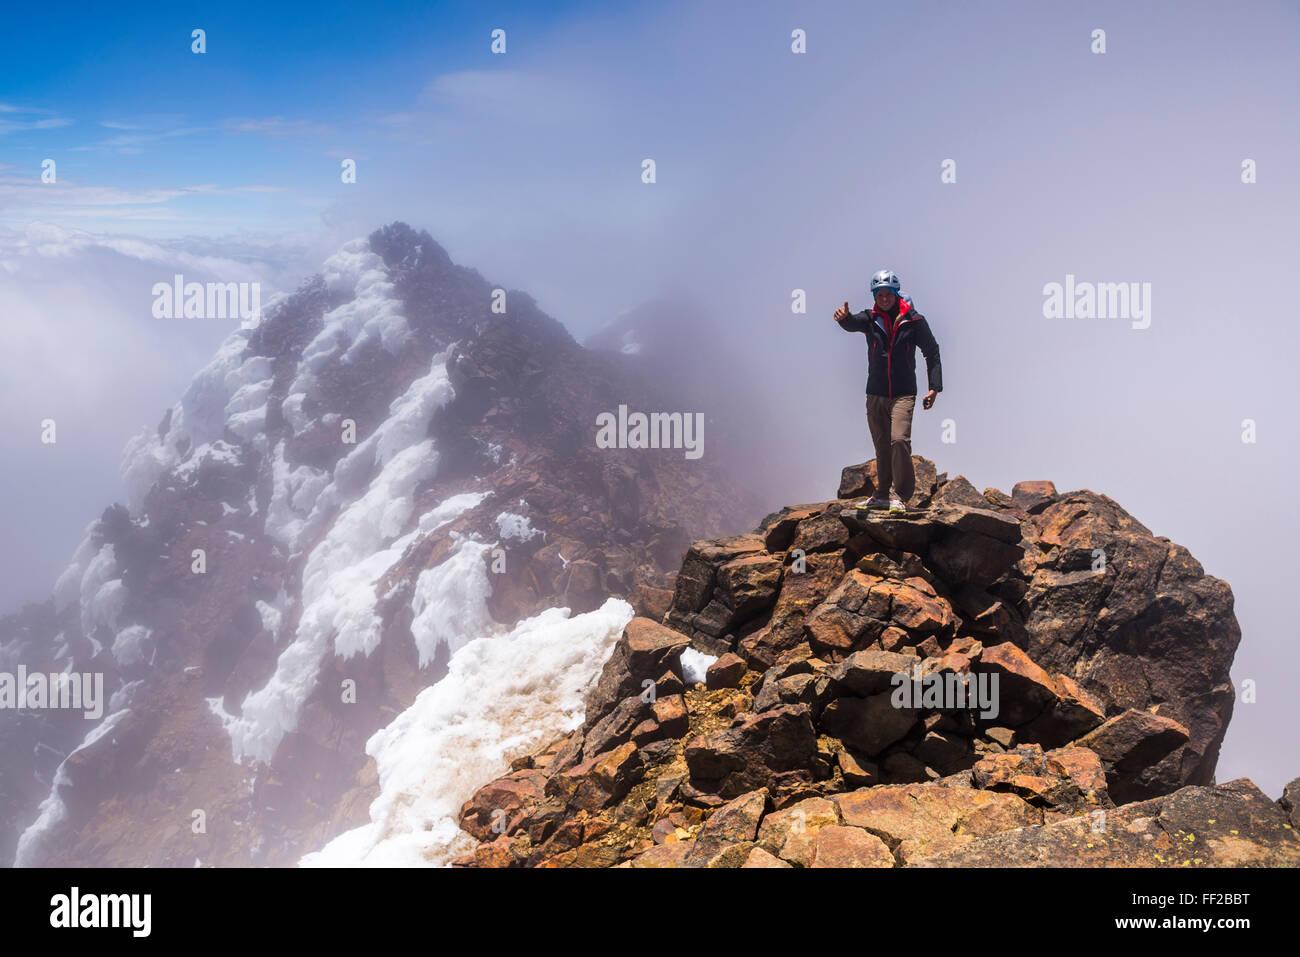 Il 5126m vertice di IRMRMiniza Norte VoRMcano, Provincia Pichincha, Ecuador, Sud America Immagini Stock